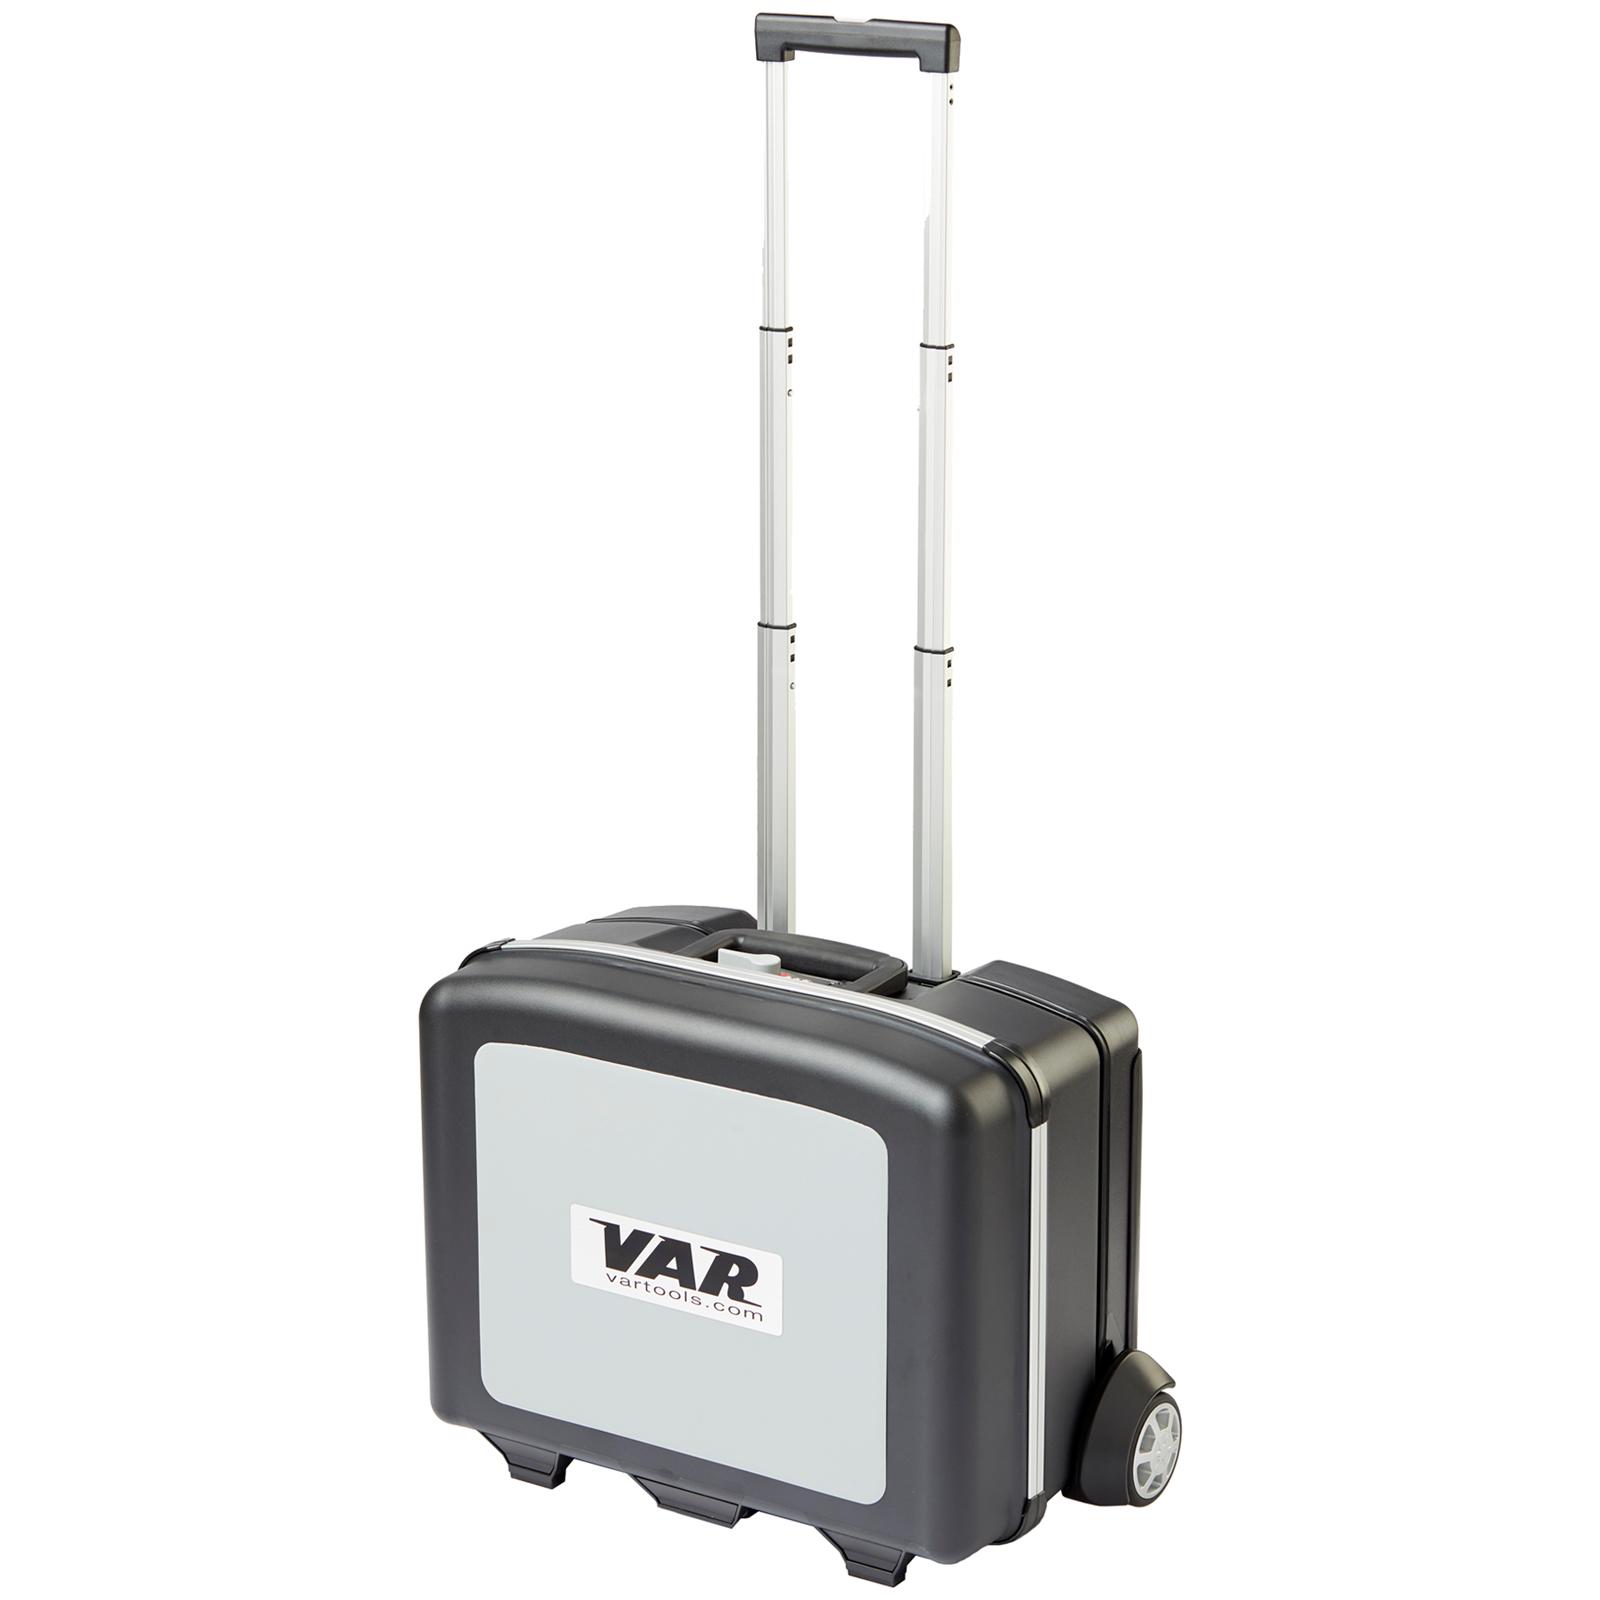 VAR Premium Werkzeugkoffer mit Rollen - KO-91801